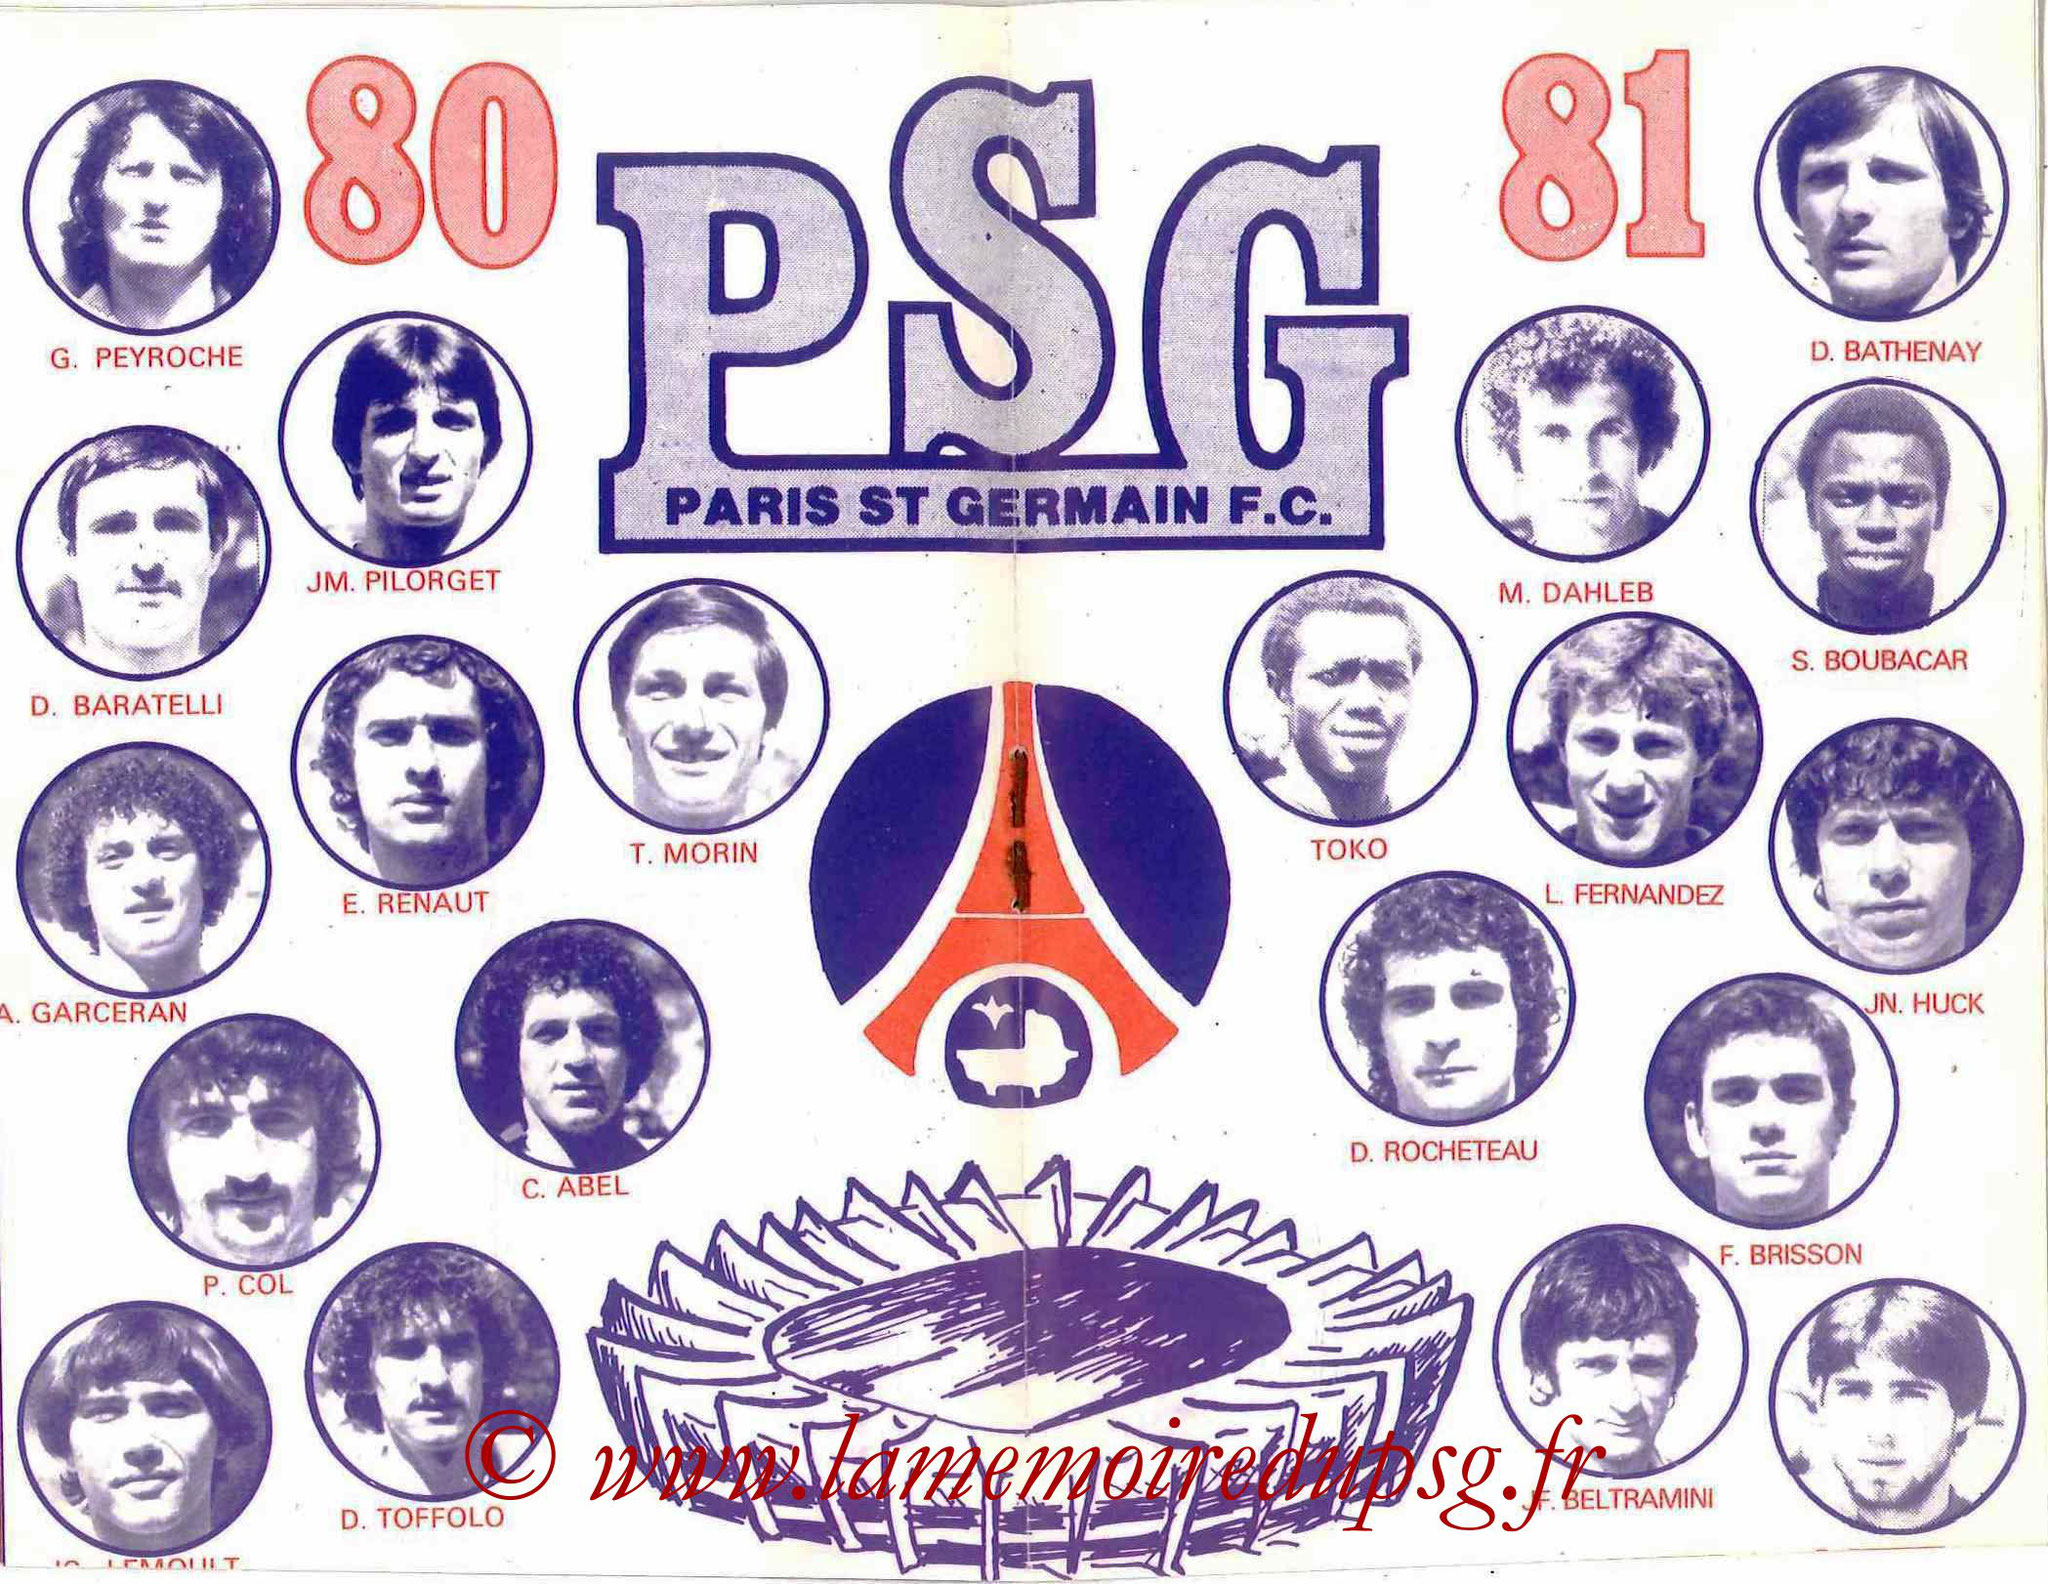 1980-81 - Guide de la Saison PSG - Pages 8 et 9